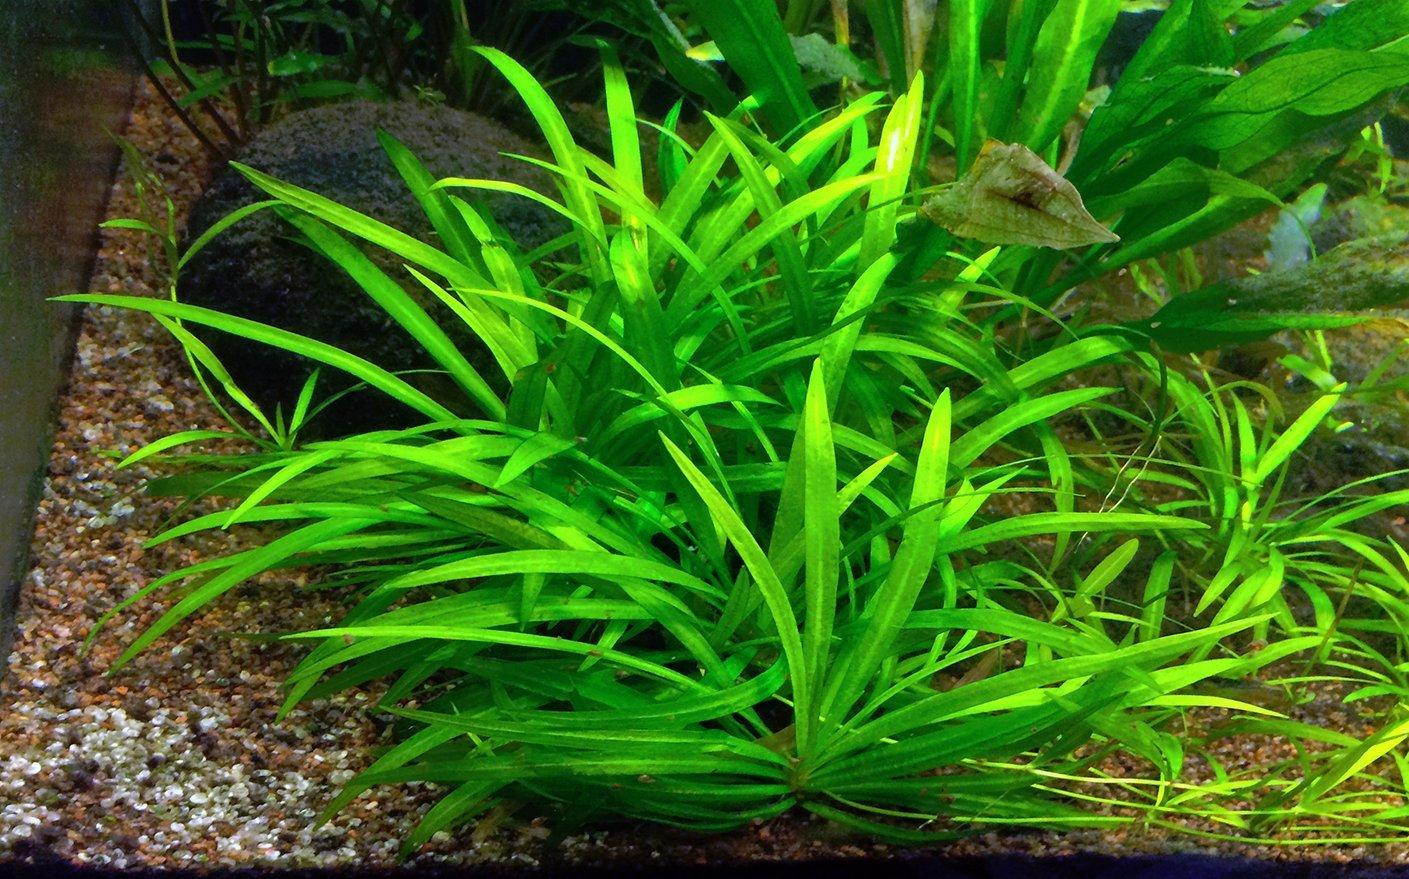 10 x Acuario Plantas vivos - Echinodorus quadricostatus - Enano Amazon Sword Fish Tank Plantas espadas: Amazon.es: Productos para mascotas